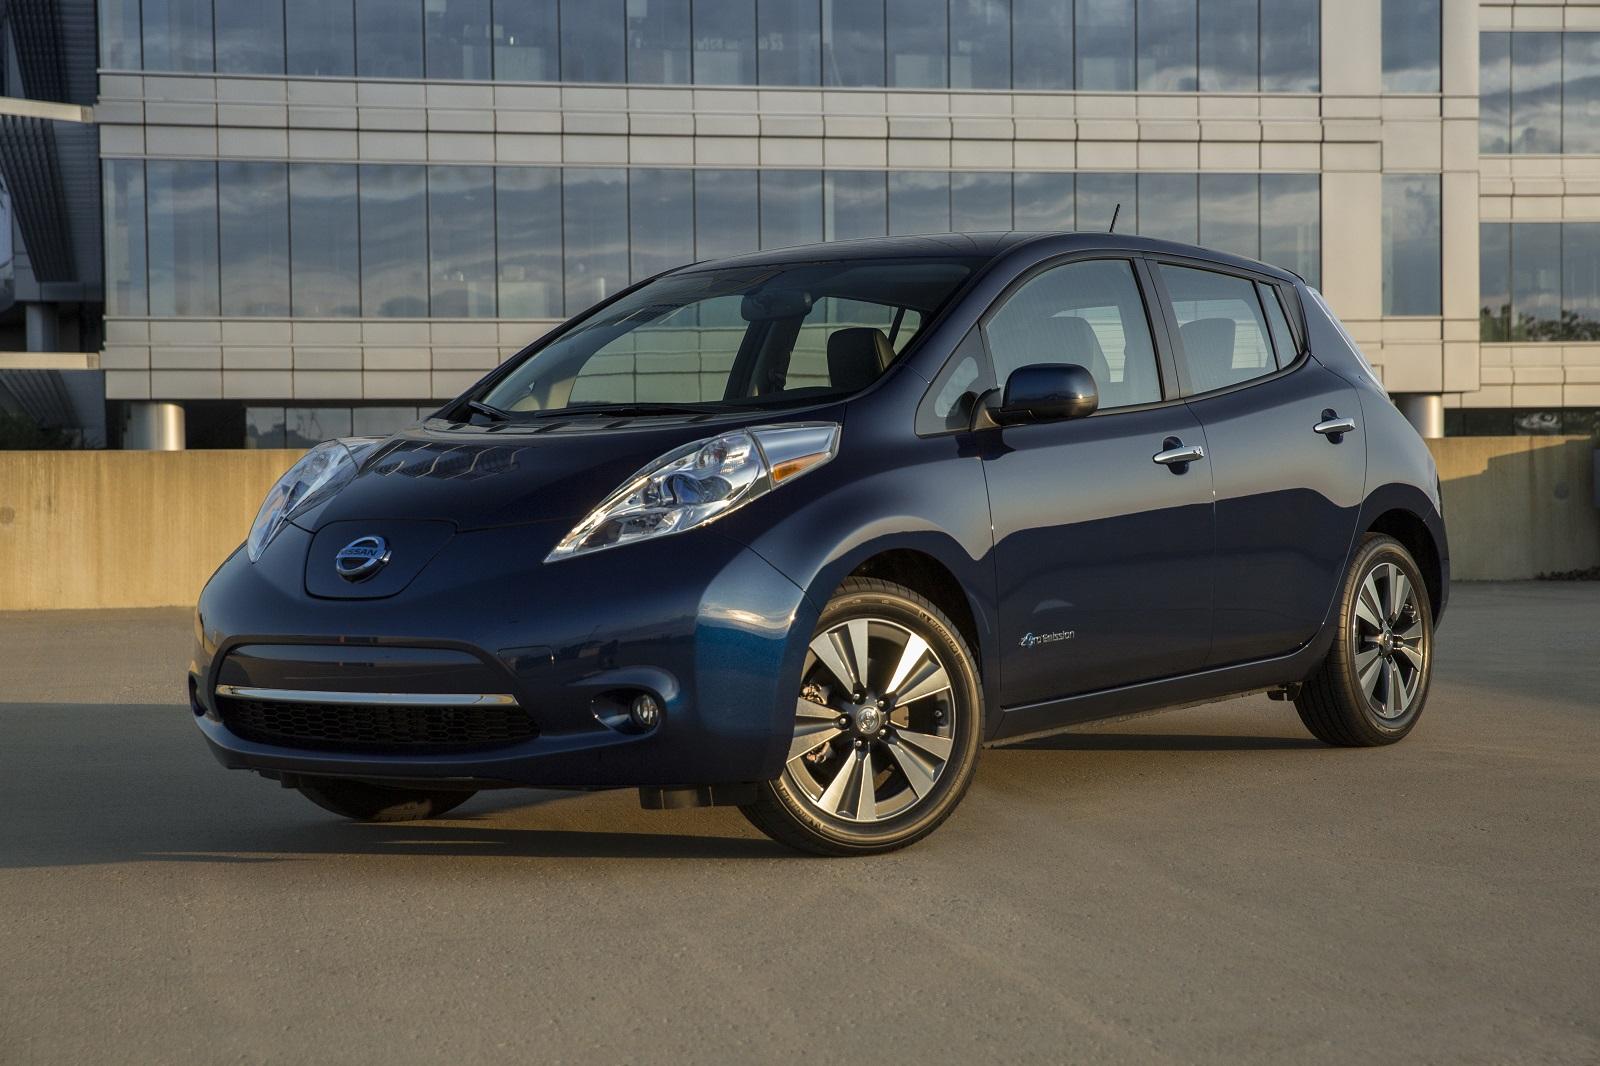 ВУкраинском государстве задва месяца на60% выросло количество электромобилей